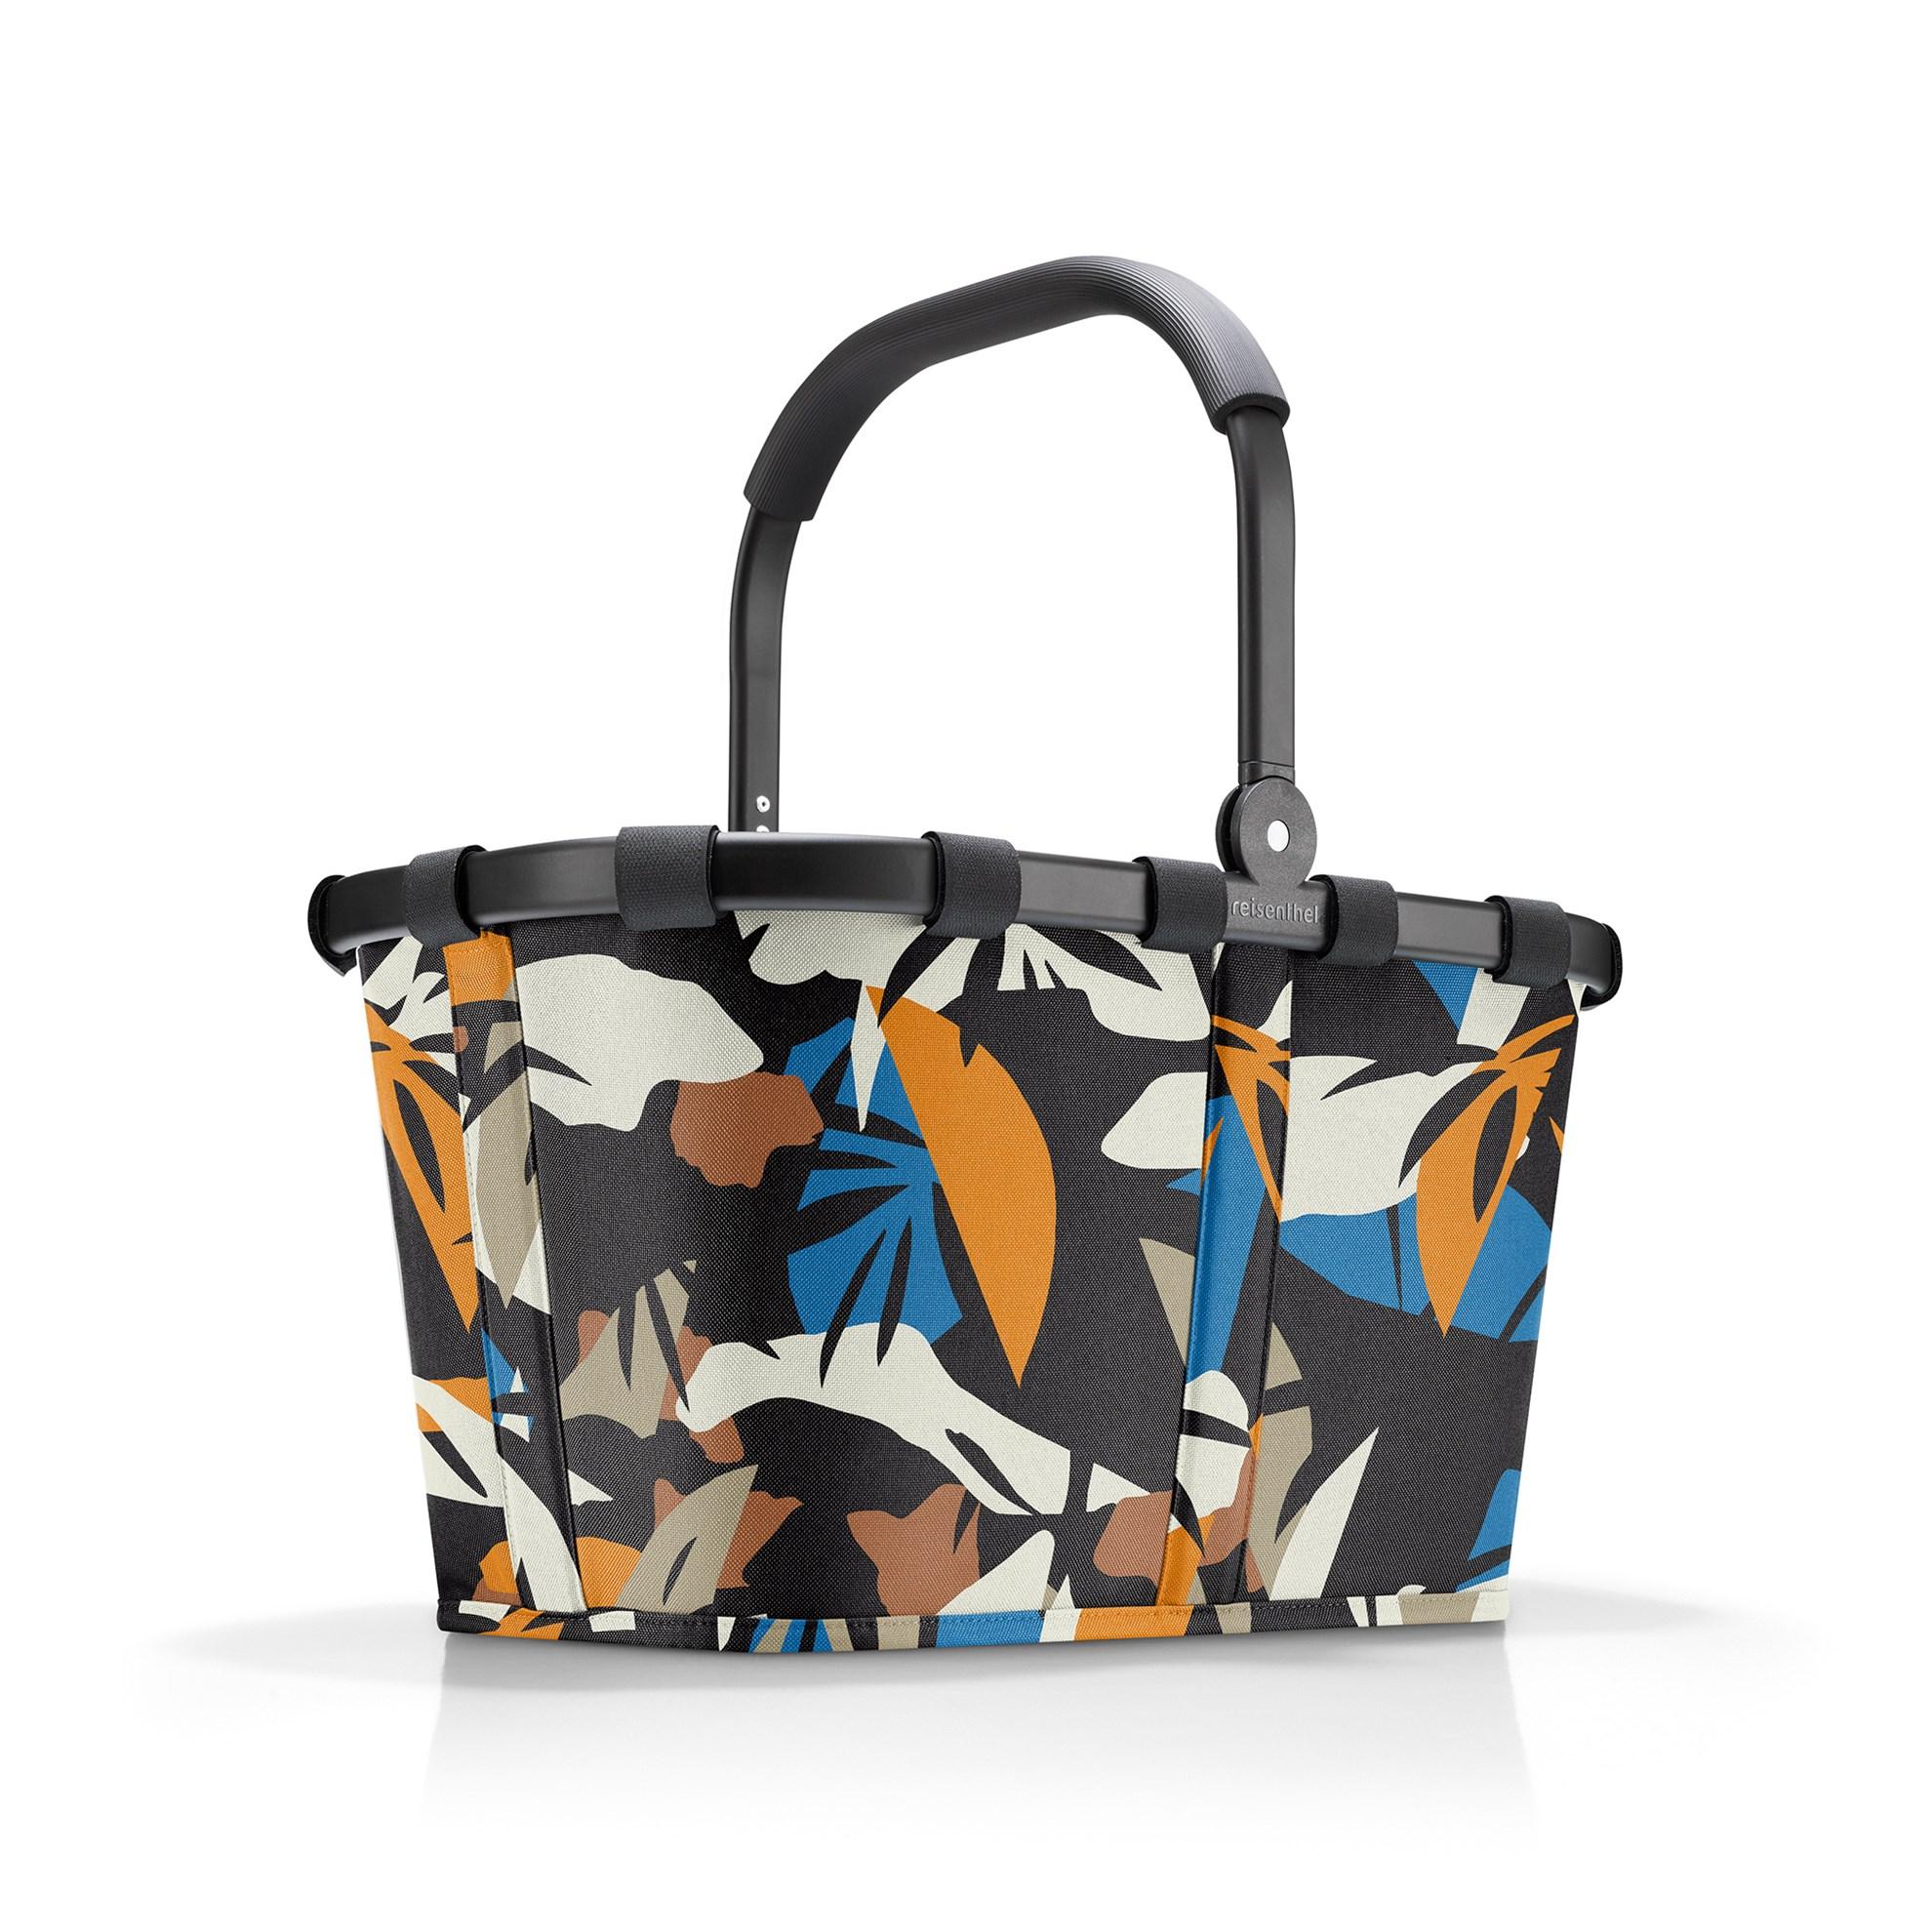 Nákupní košík Carrybag frame miami black_3